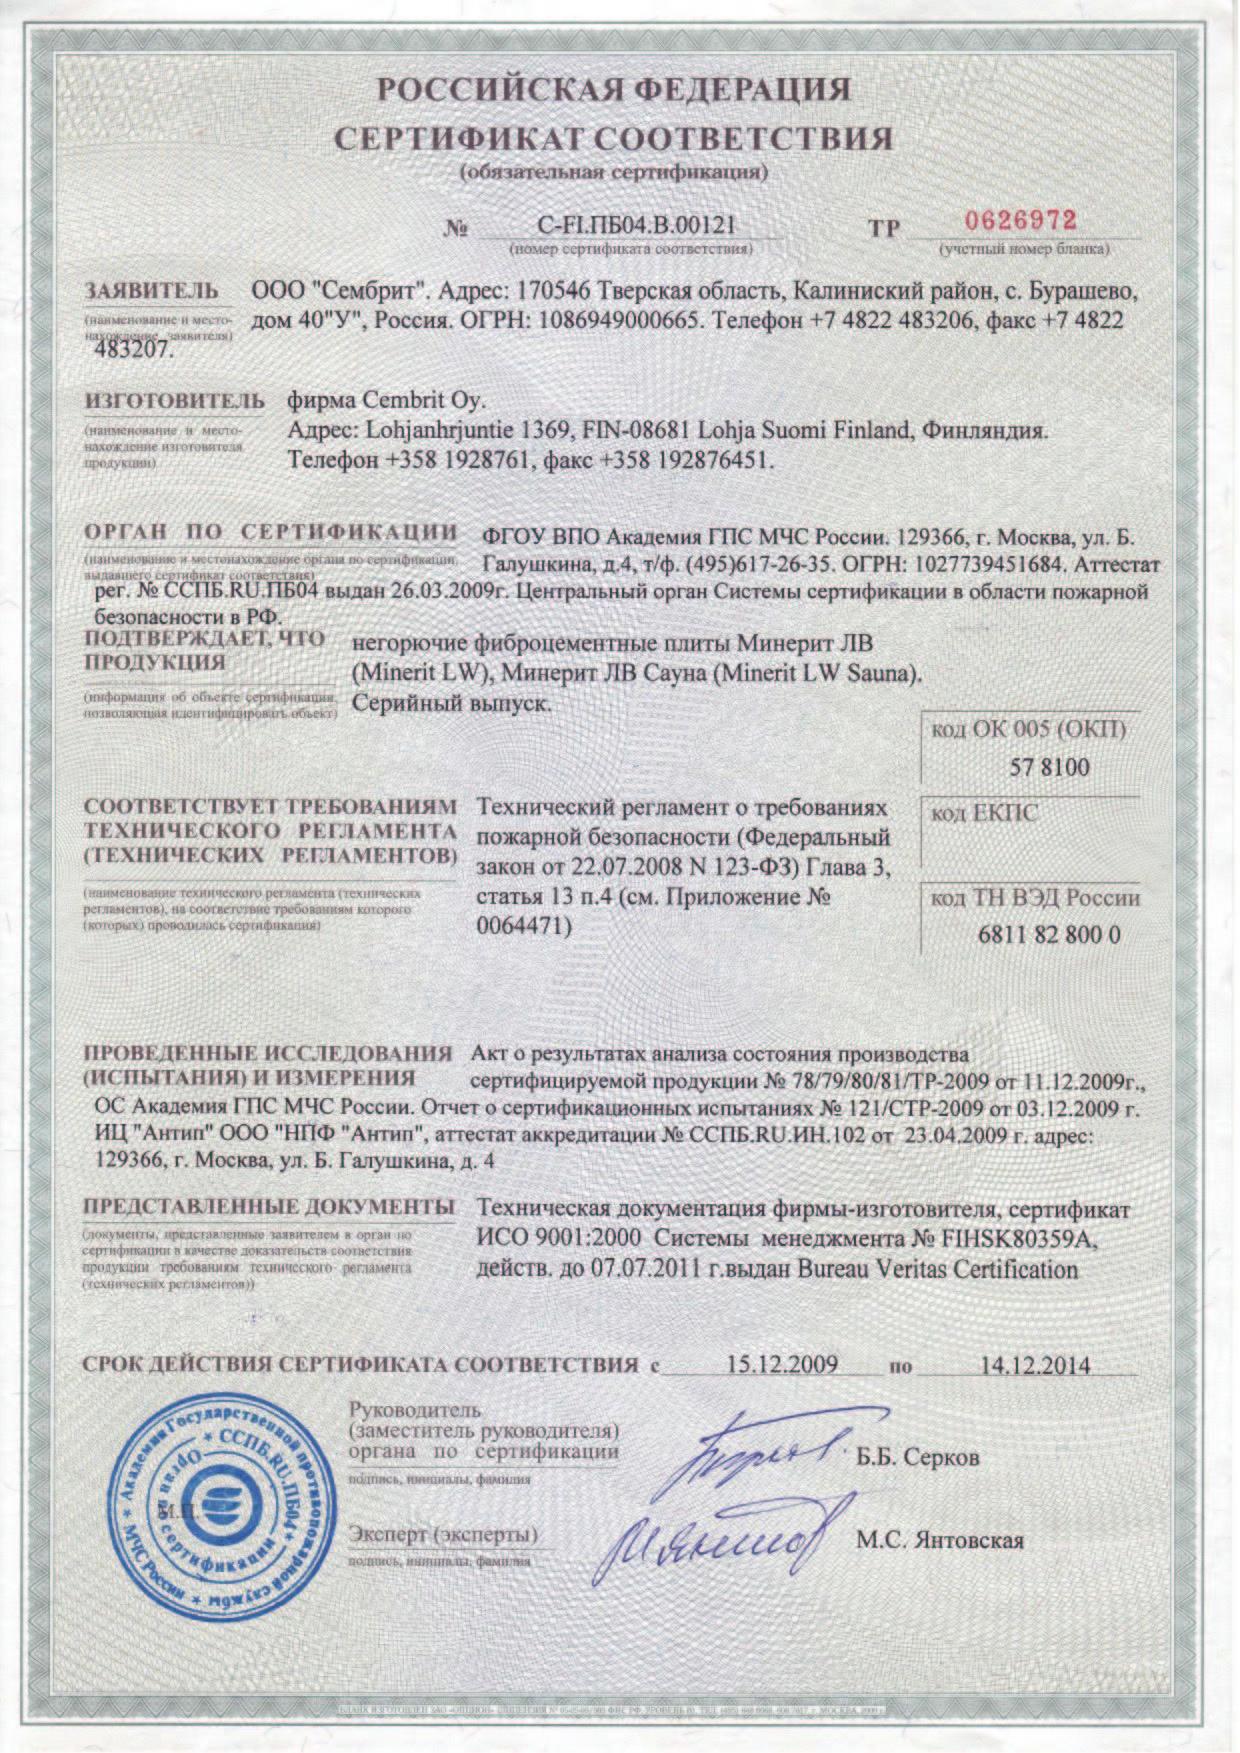 Обязательная сертификация импортных товаров сертификация экспортируемой импортируемой продукции